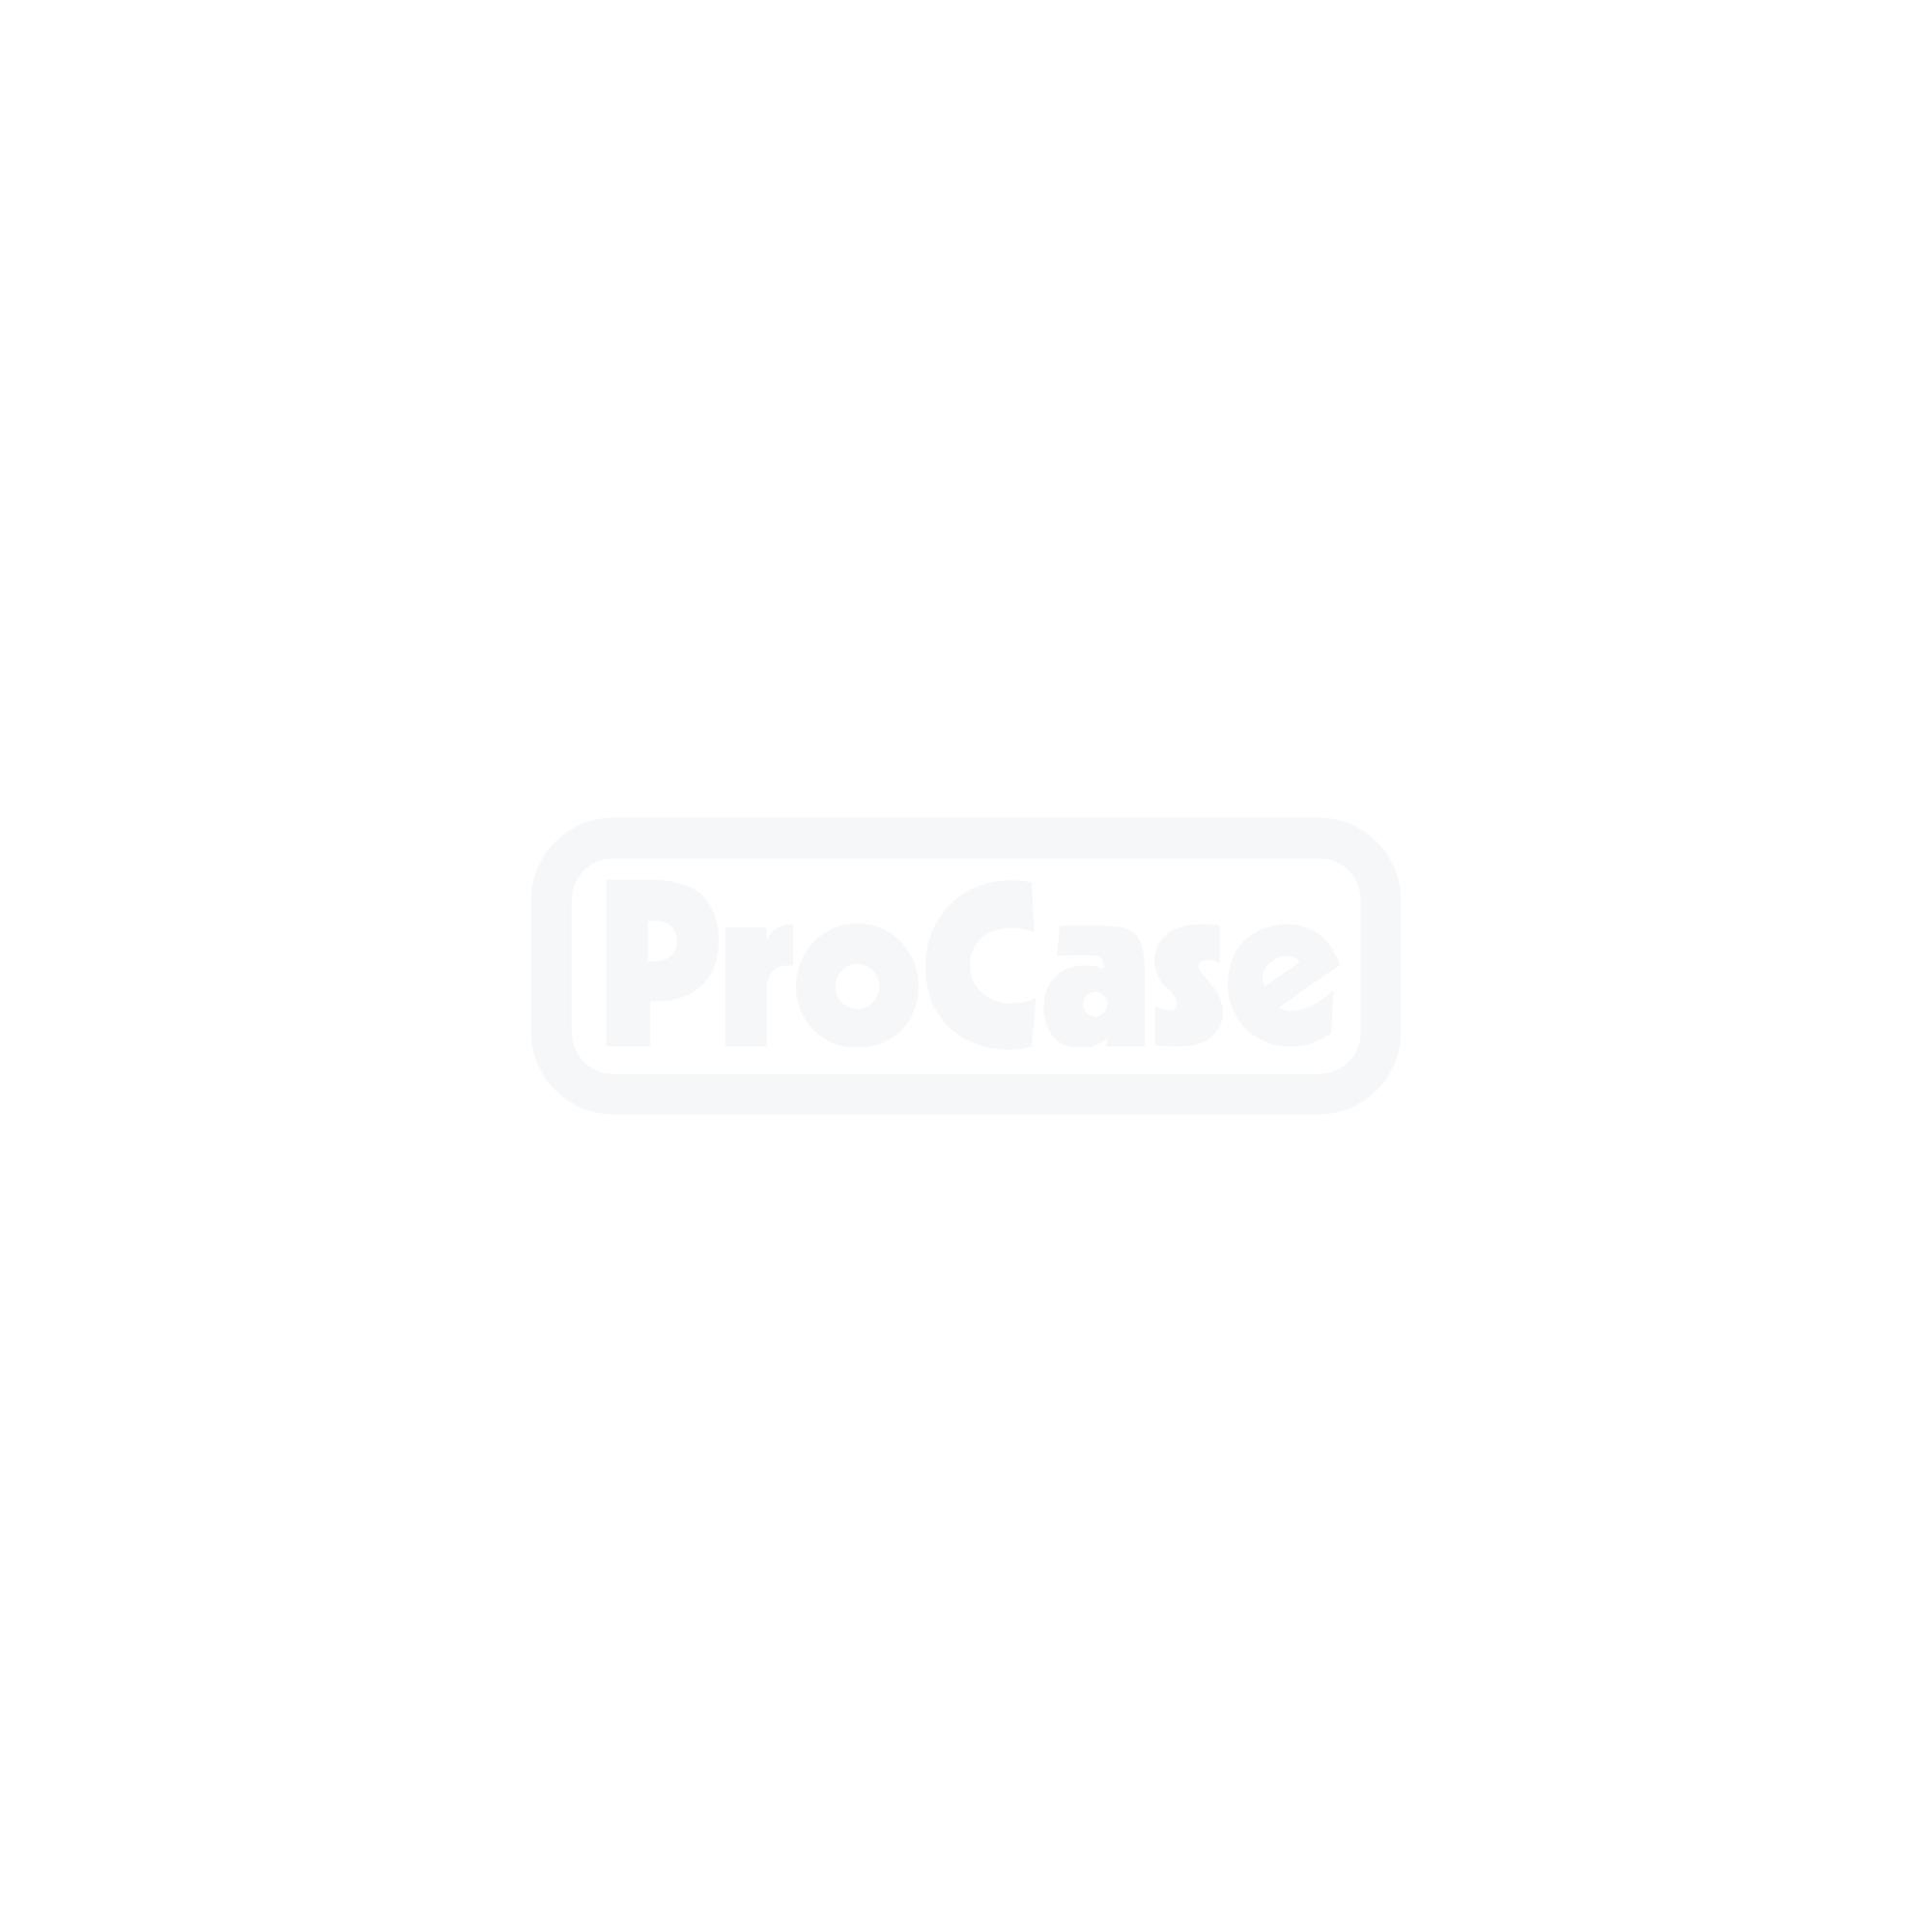 SKB 3i Koffer 2918-10 leer mit Trolley